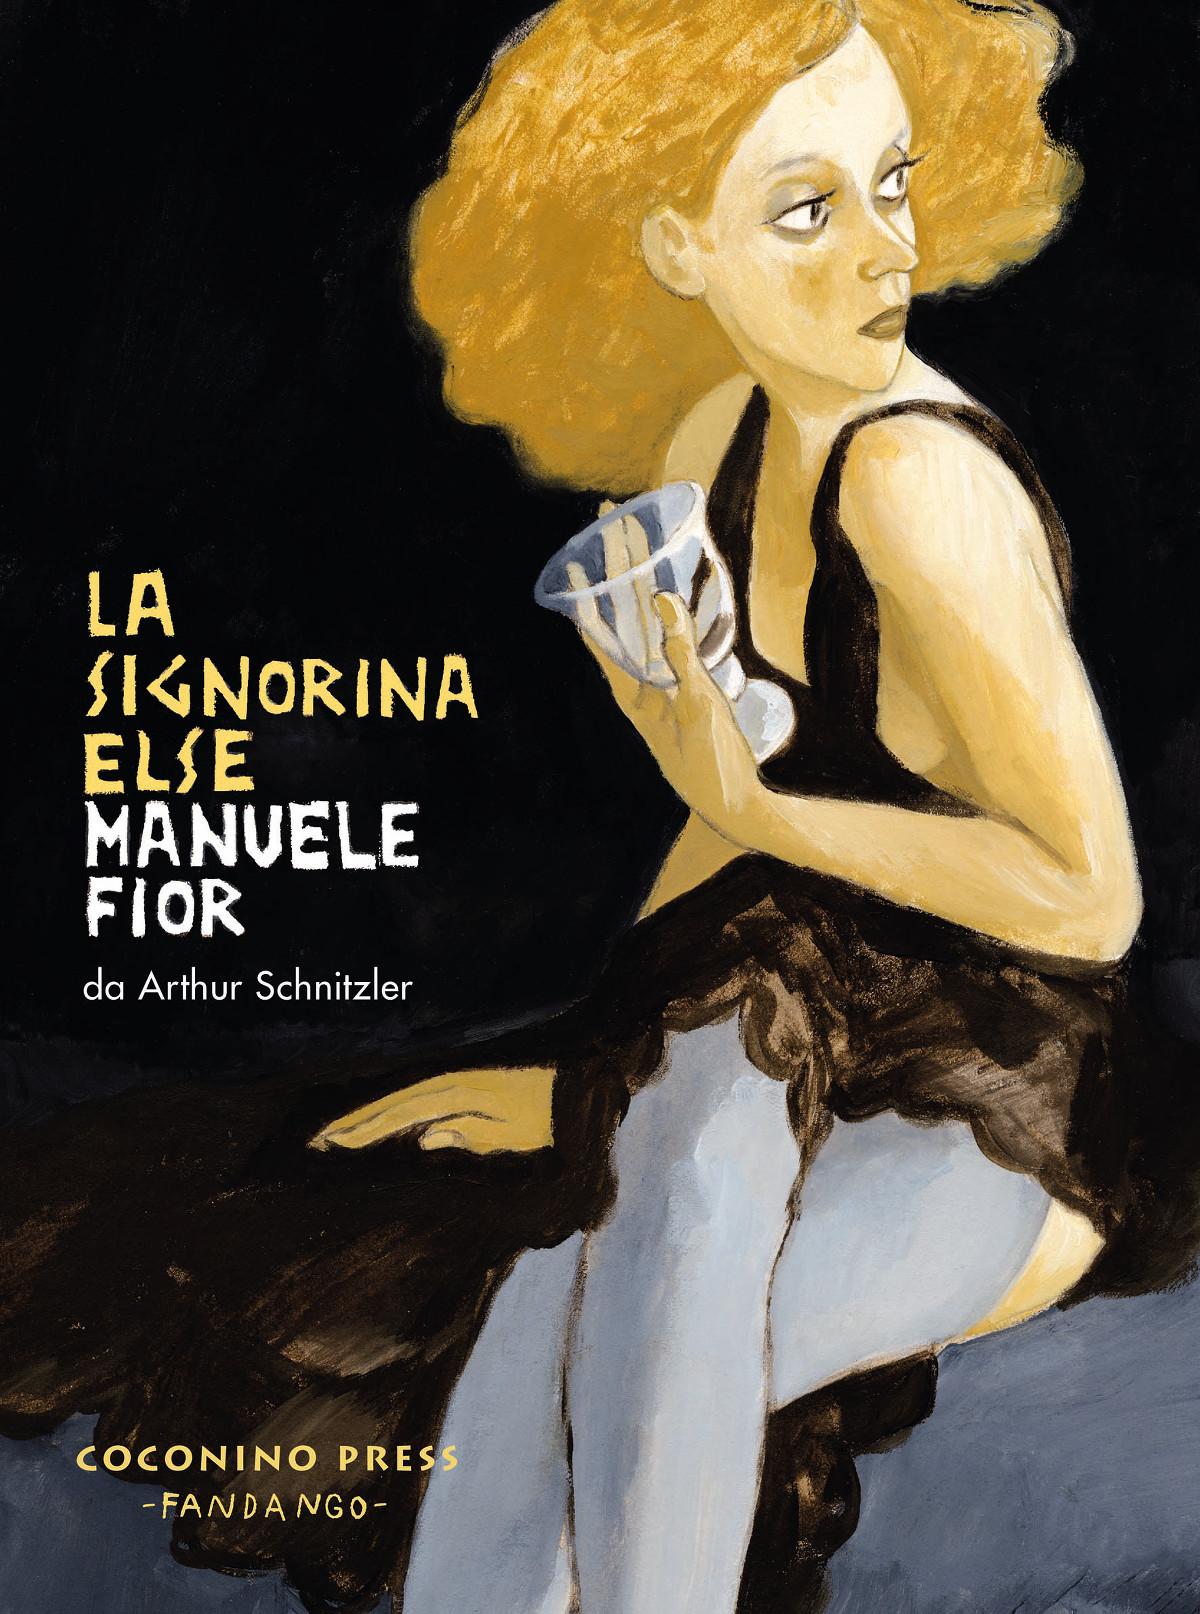 Manuele Fior, La signorina Else (Coconino Press – Fandango, seconda edizione, 2017)